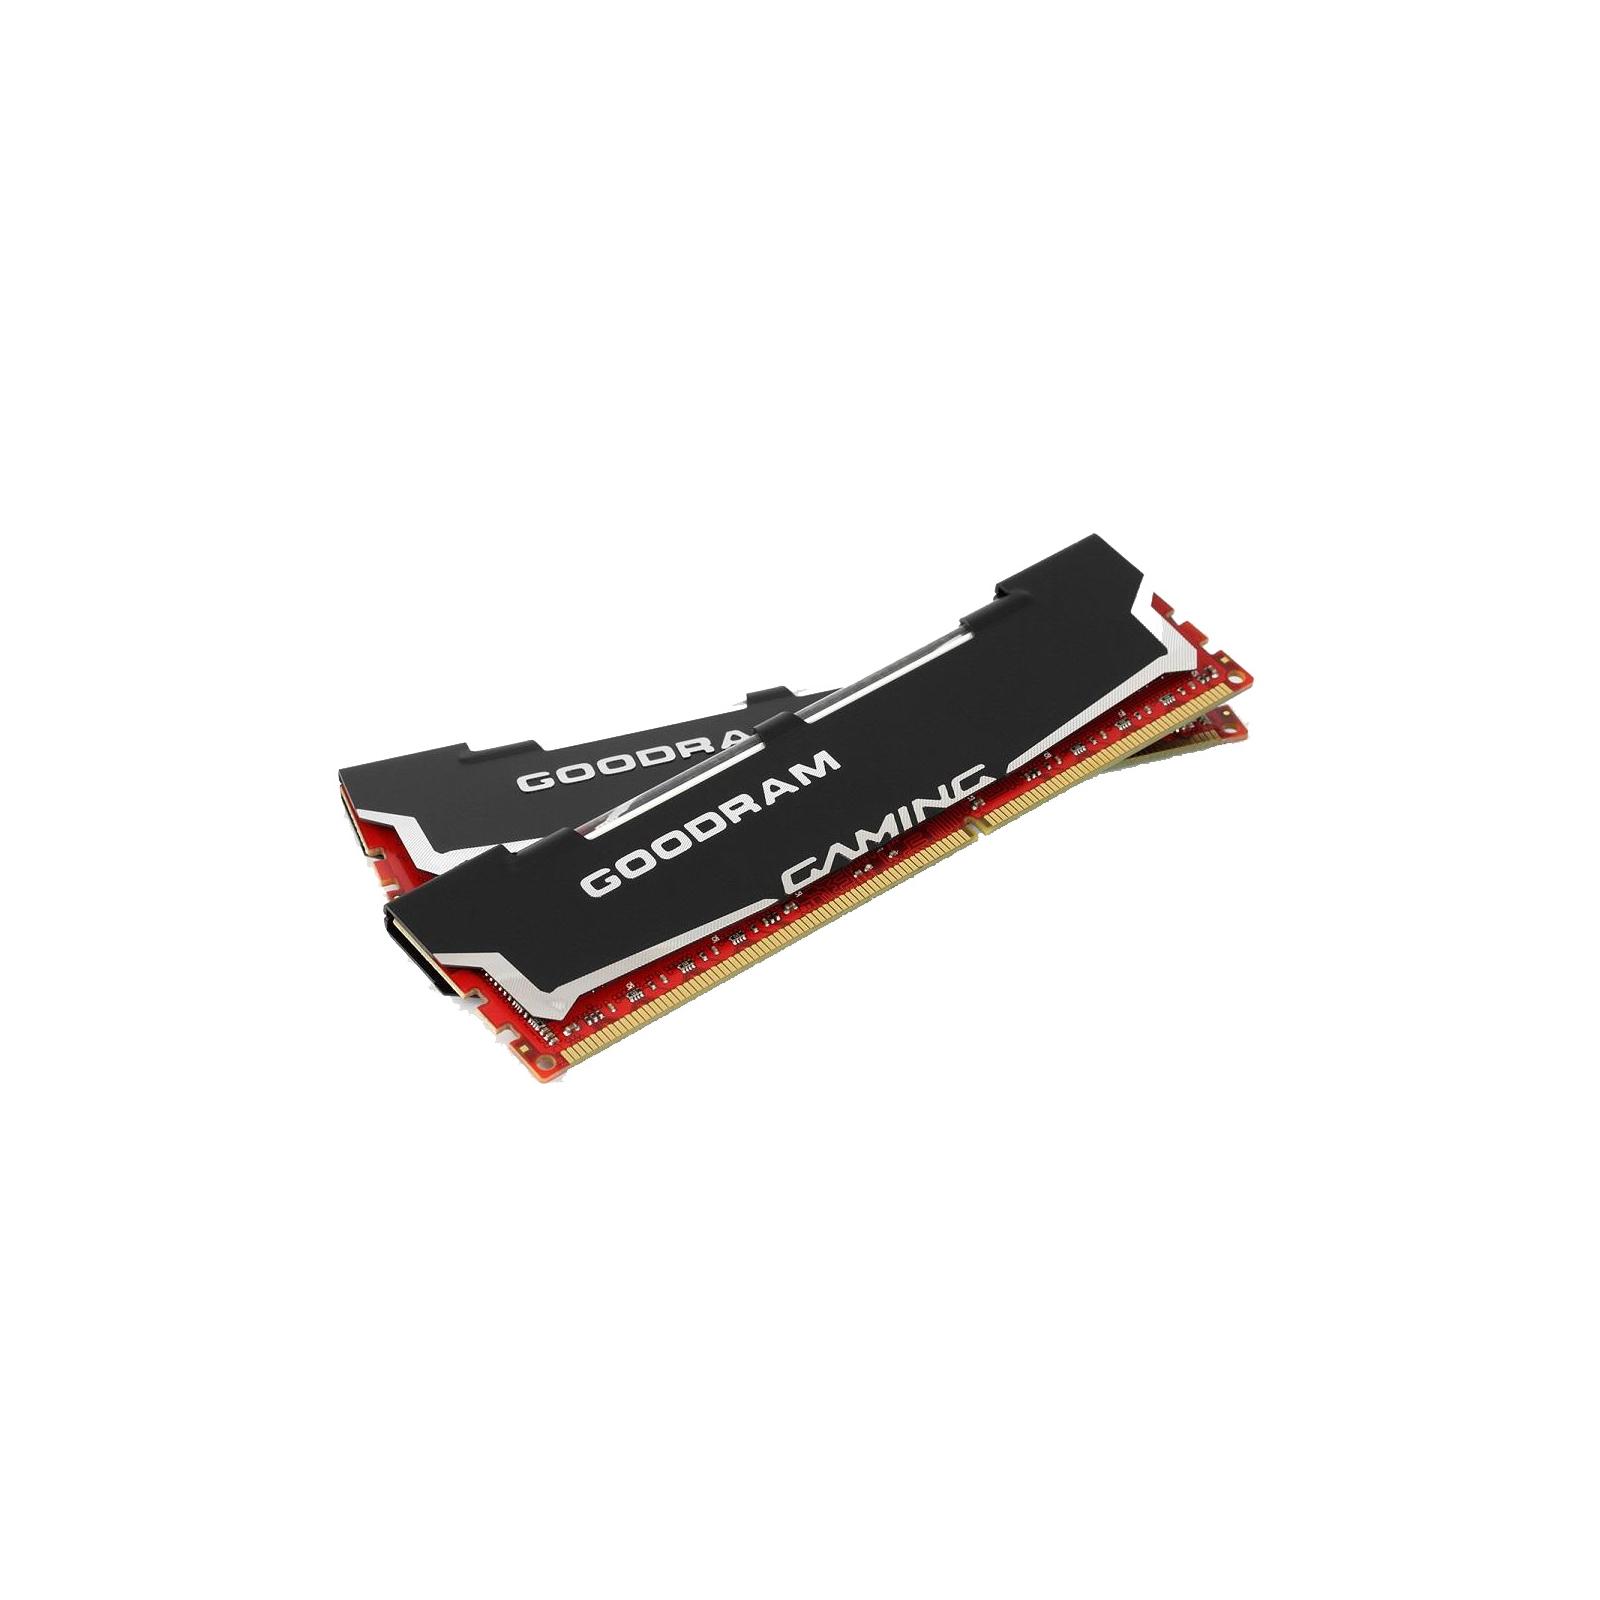 Модуль памяти для компьютера DDR3 16Gb (2x8GB) 1600 MHz Led Gaming GOODRAM (GL1600D364L10/16GDC) изображение 2